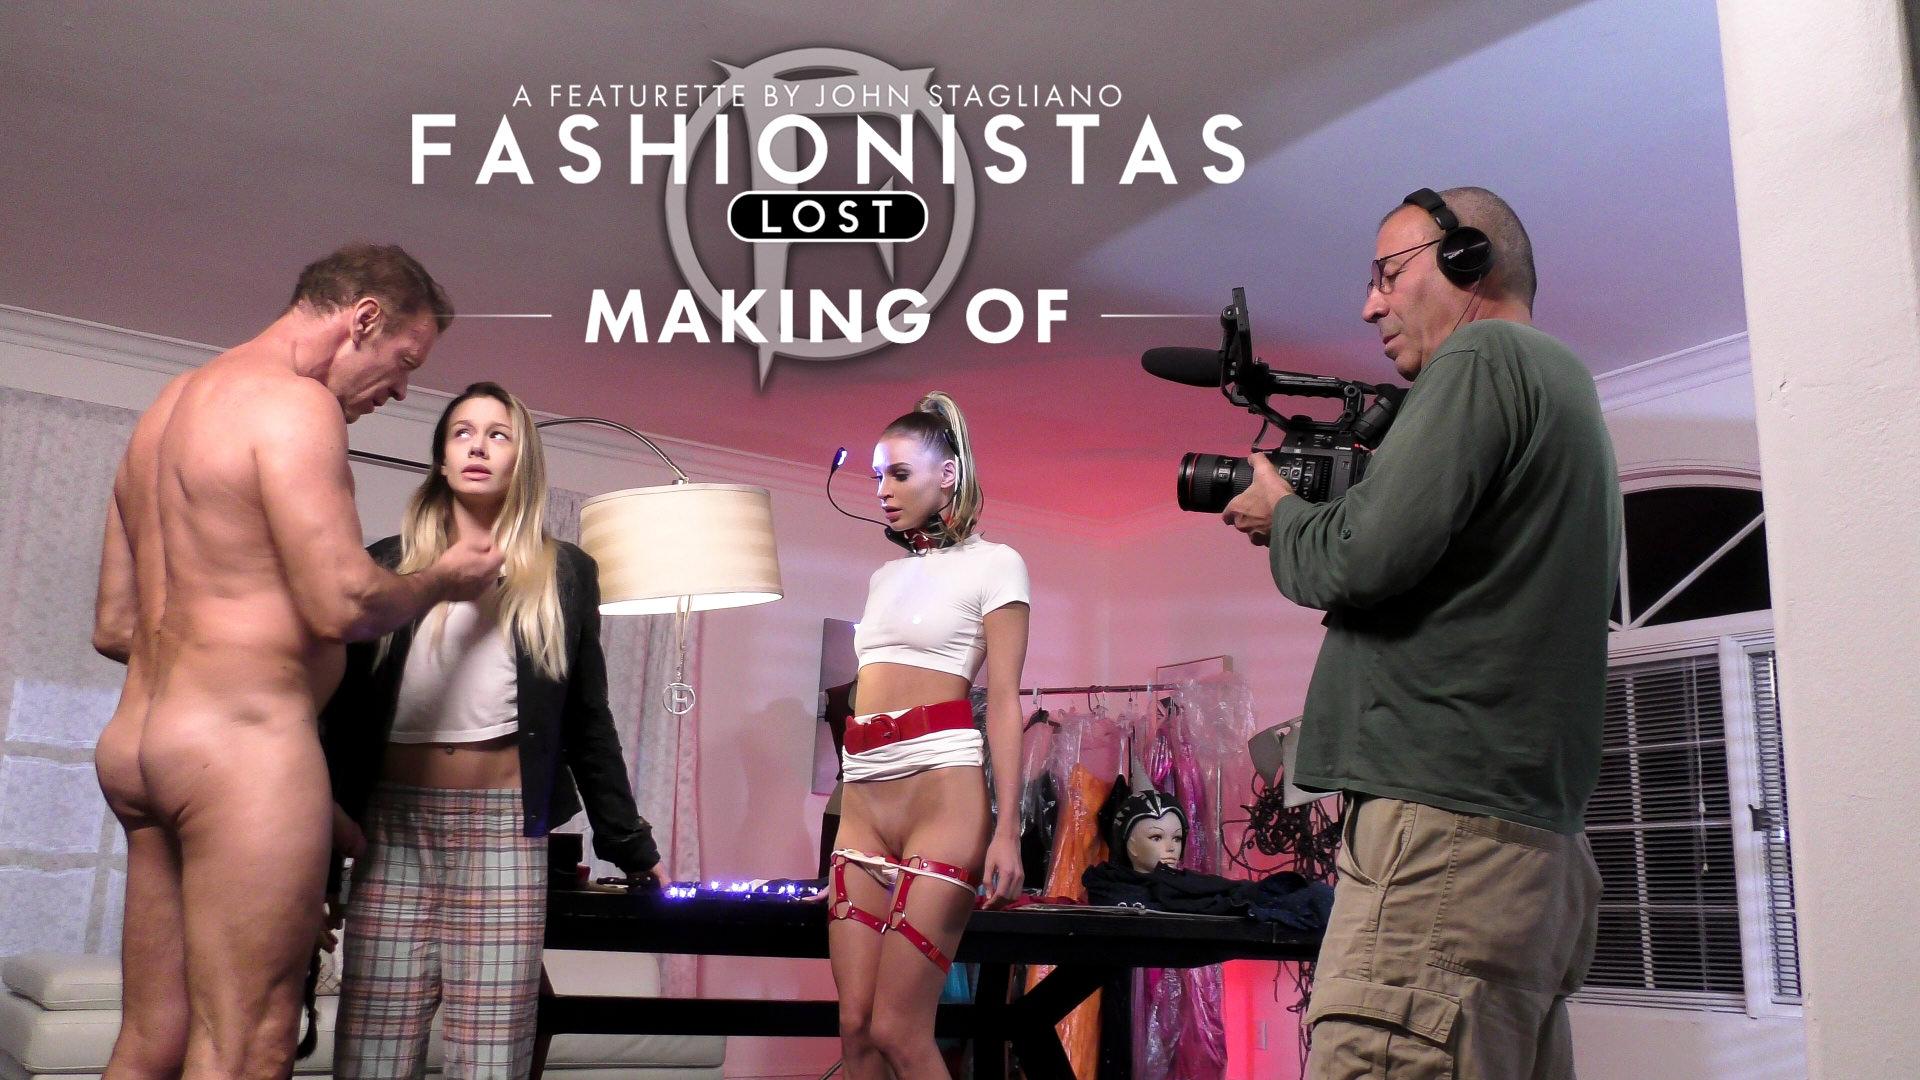 BTS-Fashionistas - Lost - Rocco Siffredi & Aiden Starr & John Stagliano & Emma Hix & Naomi Swann & Adira Allure 1